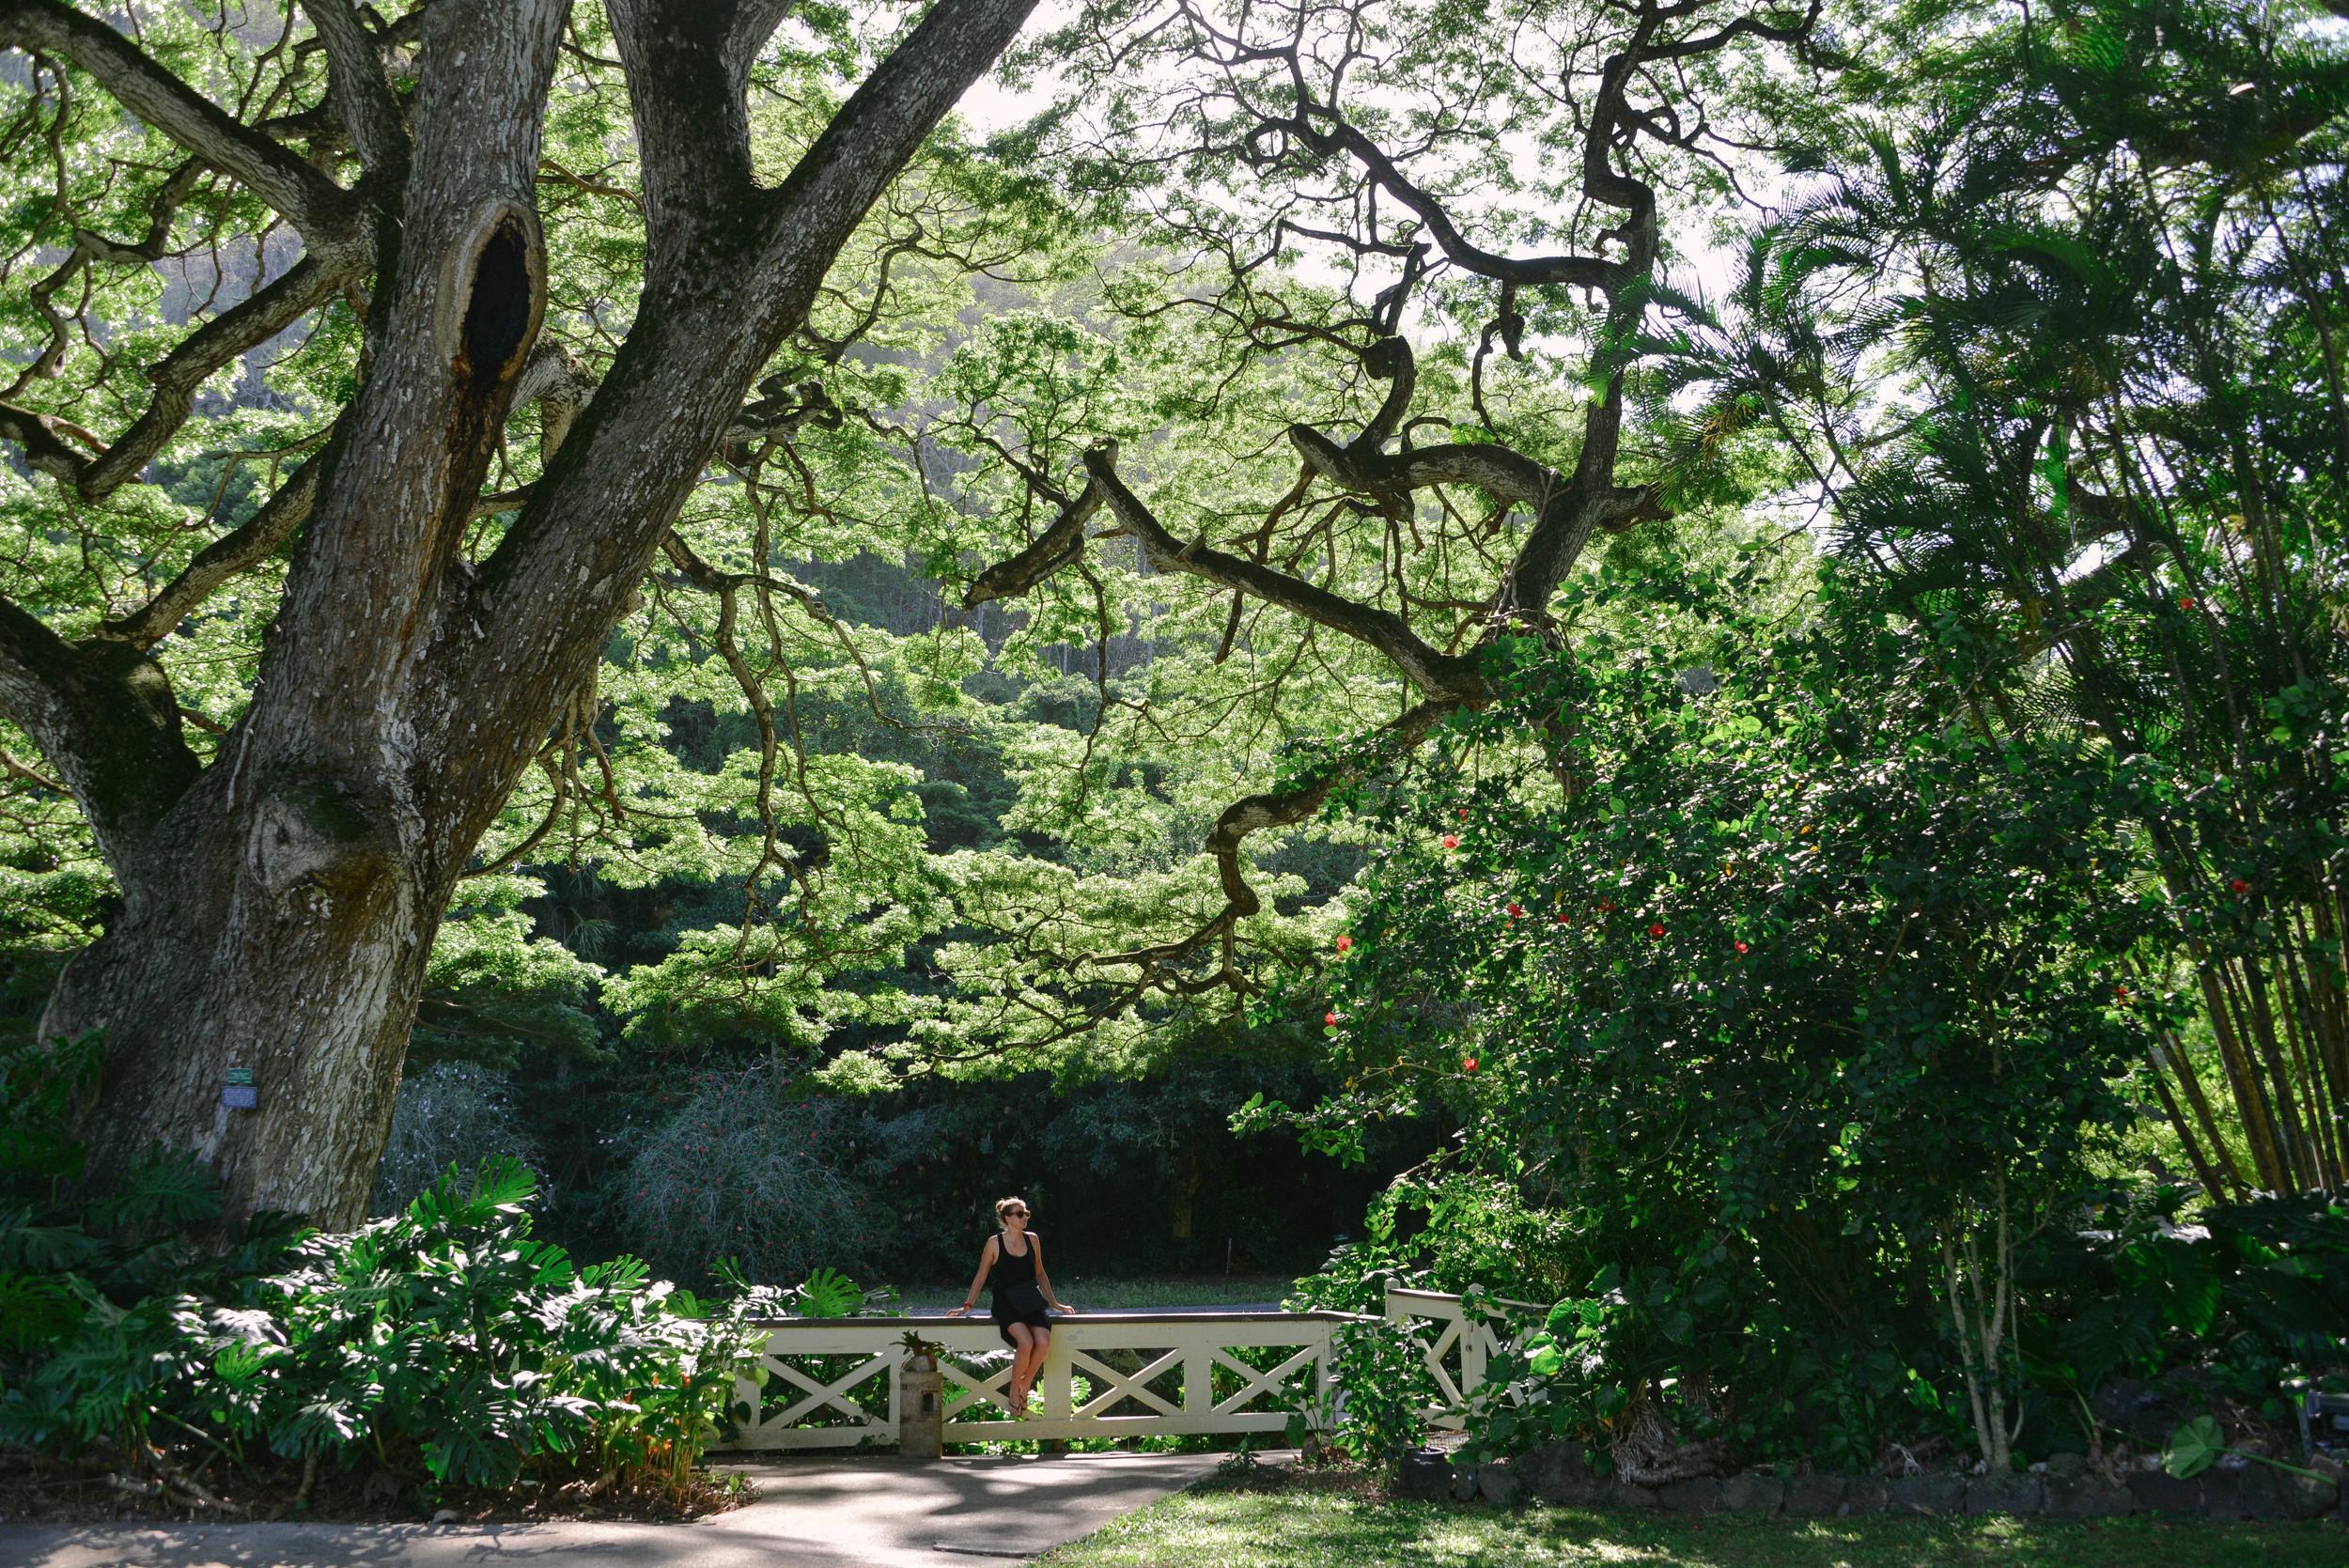 The beautiful gardens in Waimea Valley, Oahu.